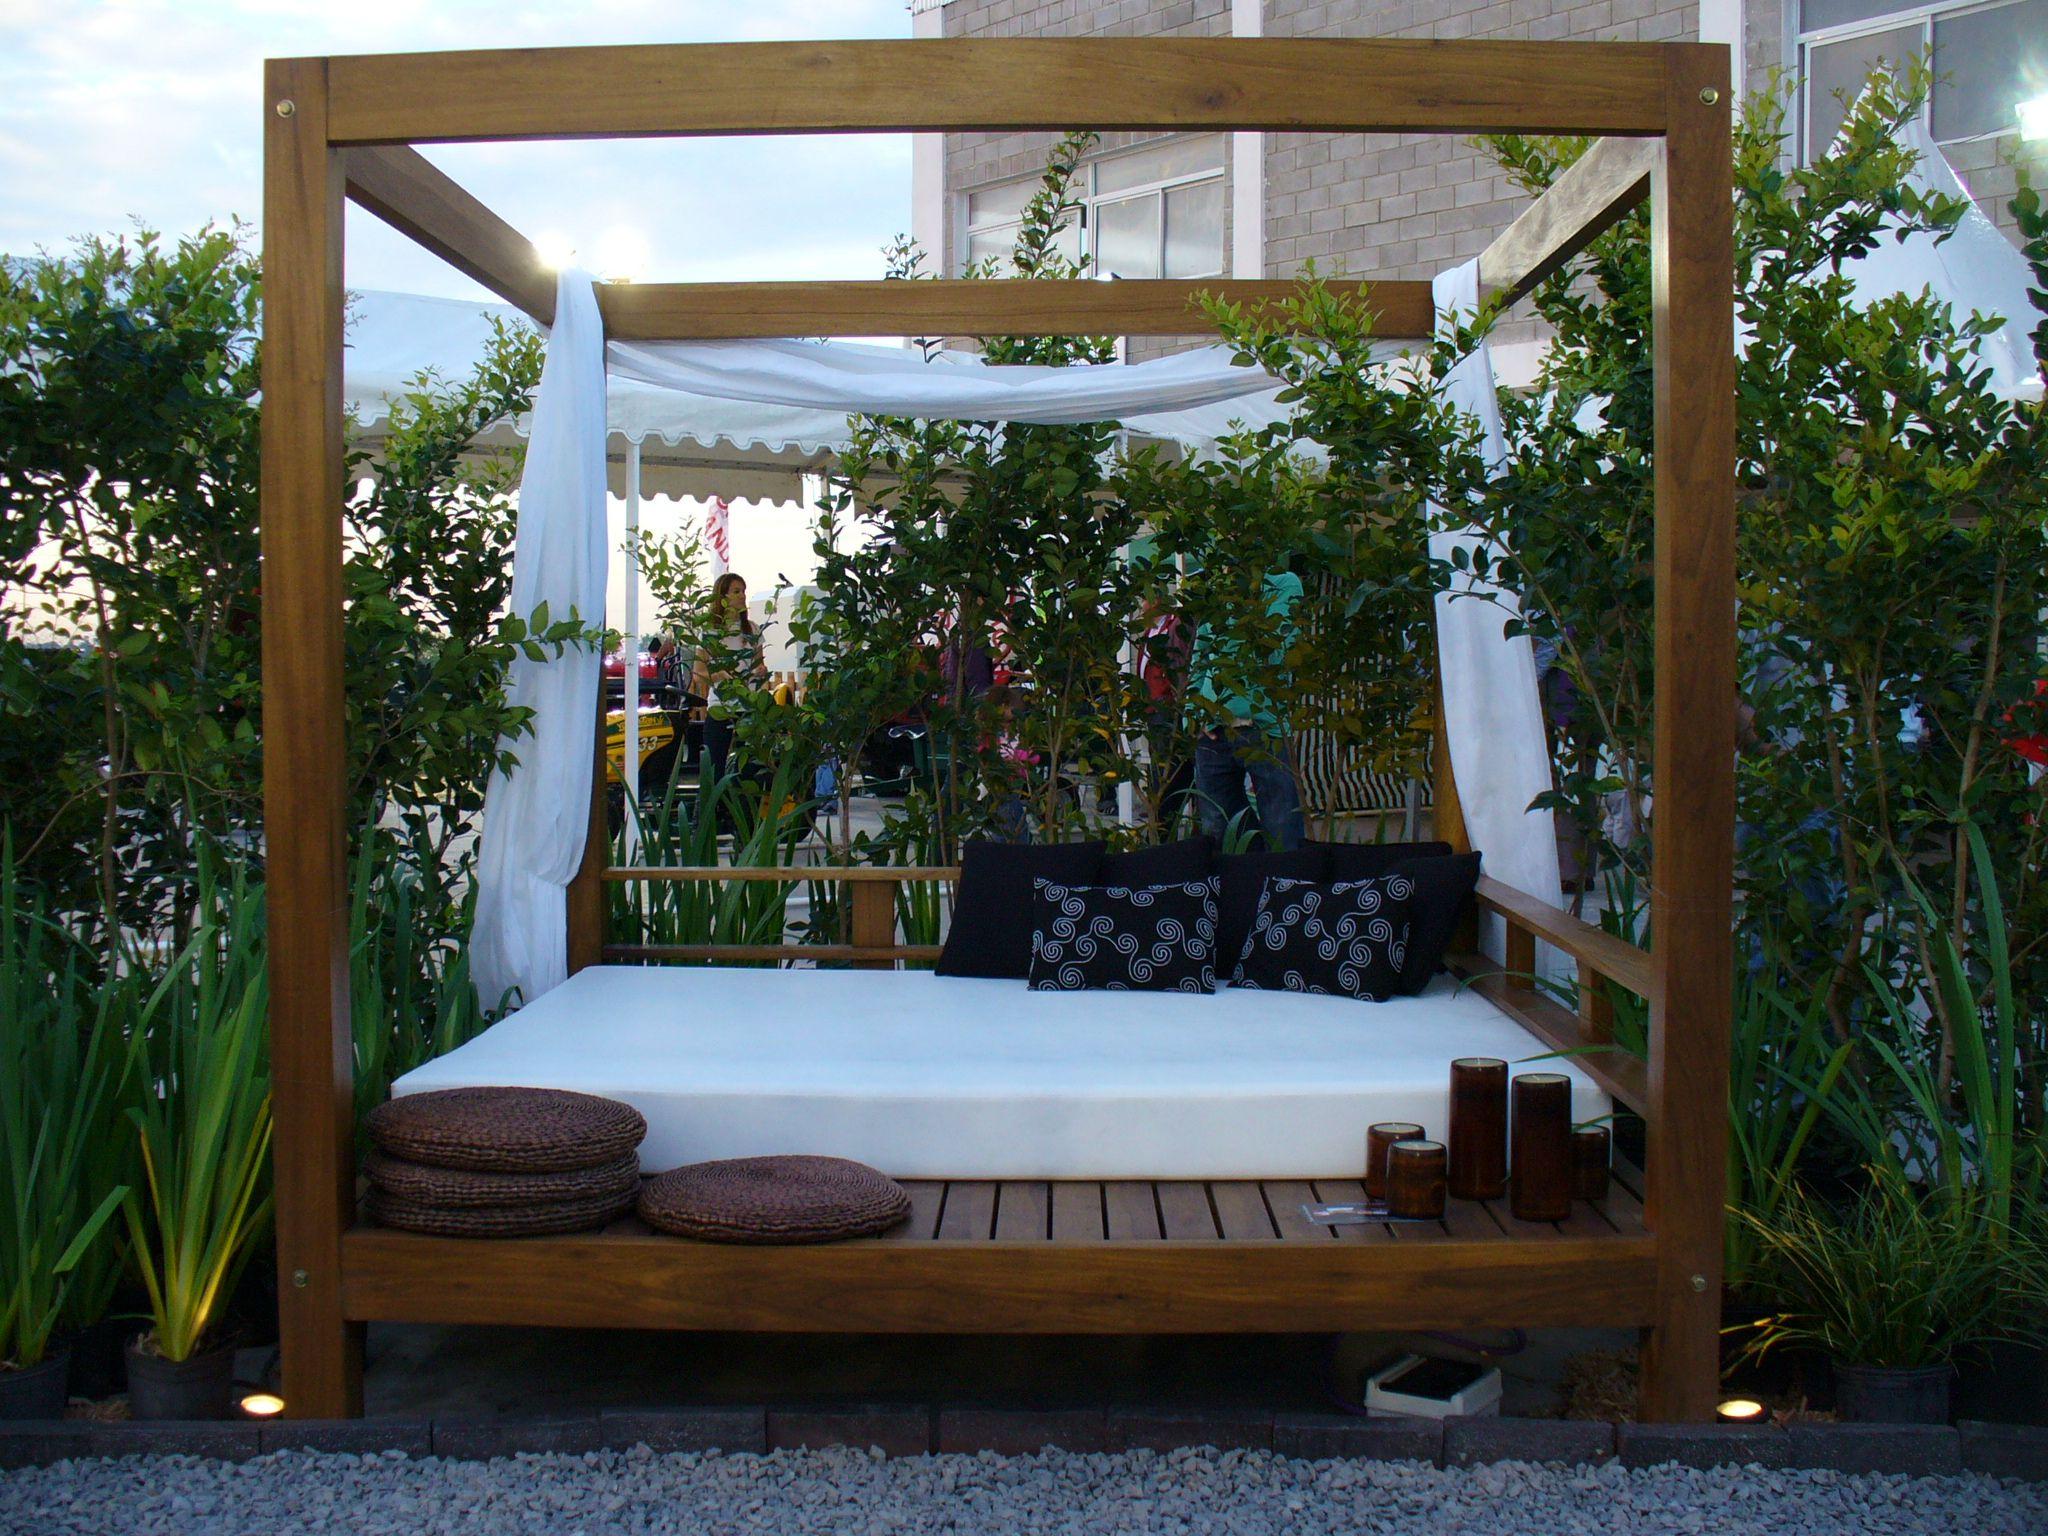 Outdoor bed cabana - Camastro Bali Con Almohadones Color Tierra Sobrio C Lido Outdoor Day Bedsoutdoor